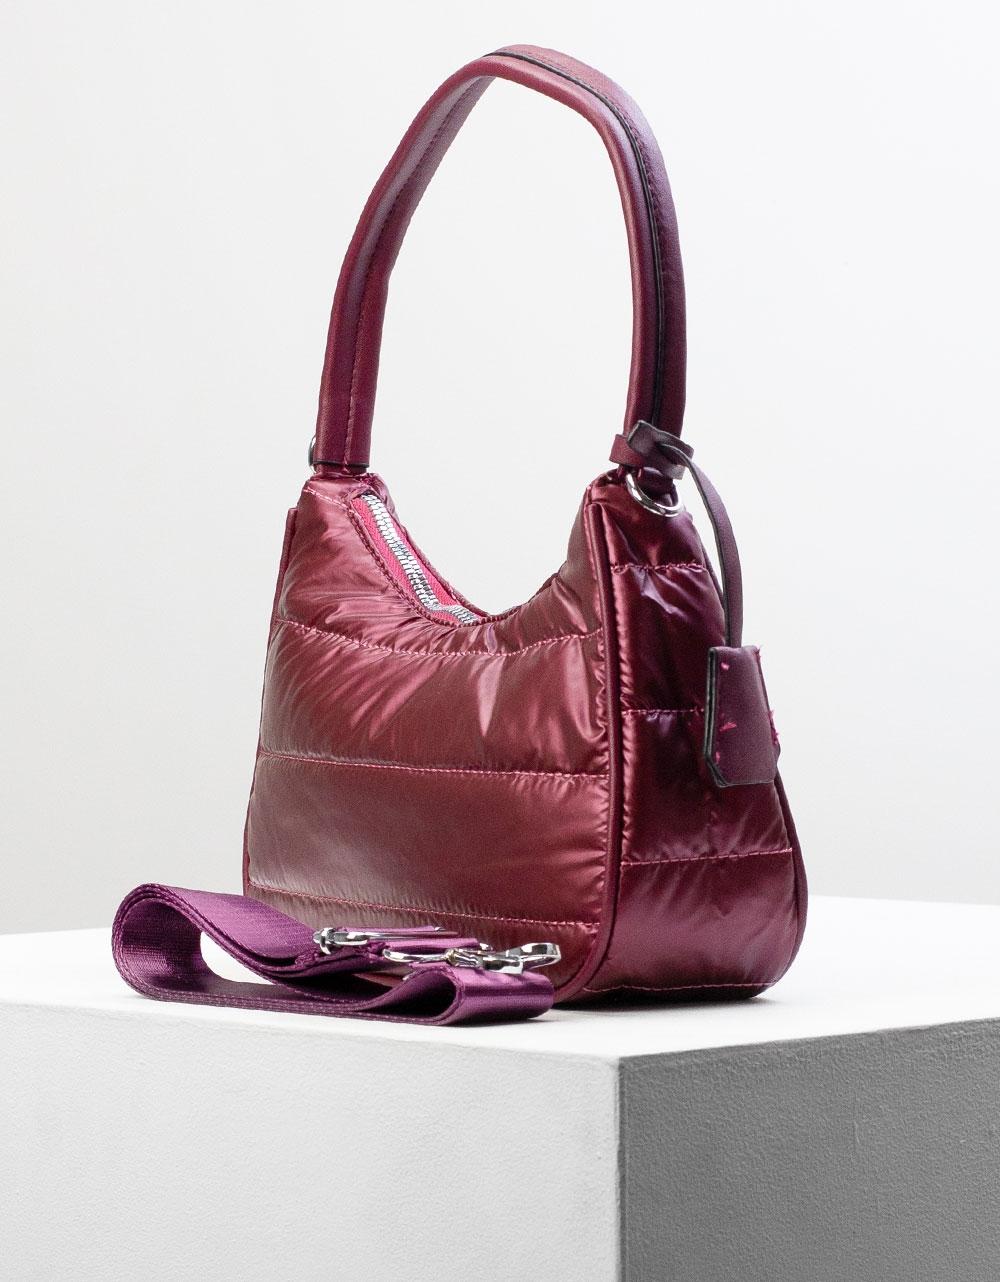 Εικόνα από Γυναικεία τσάντα ώμου & χιαστί καπιτονέ Μπορντώ